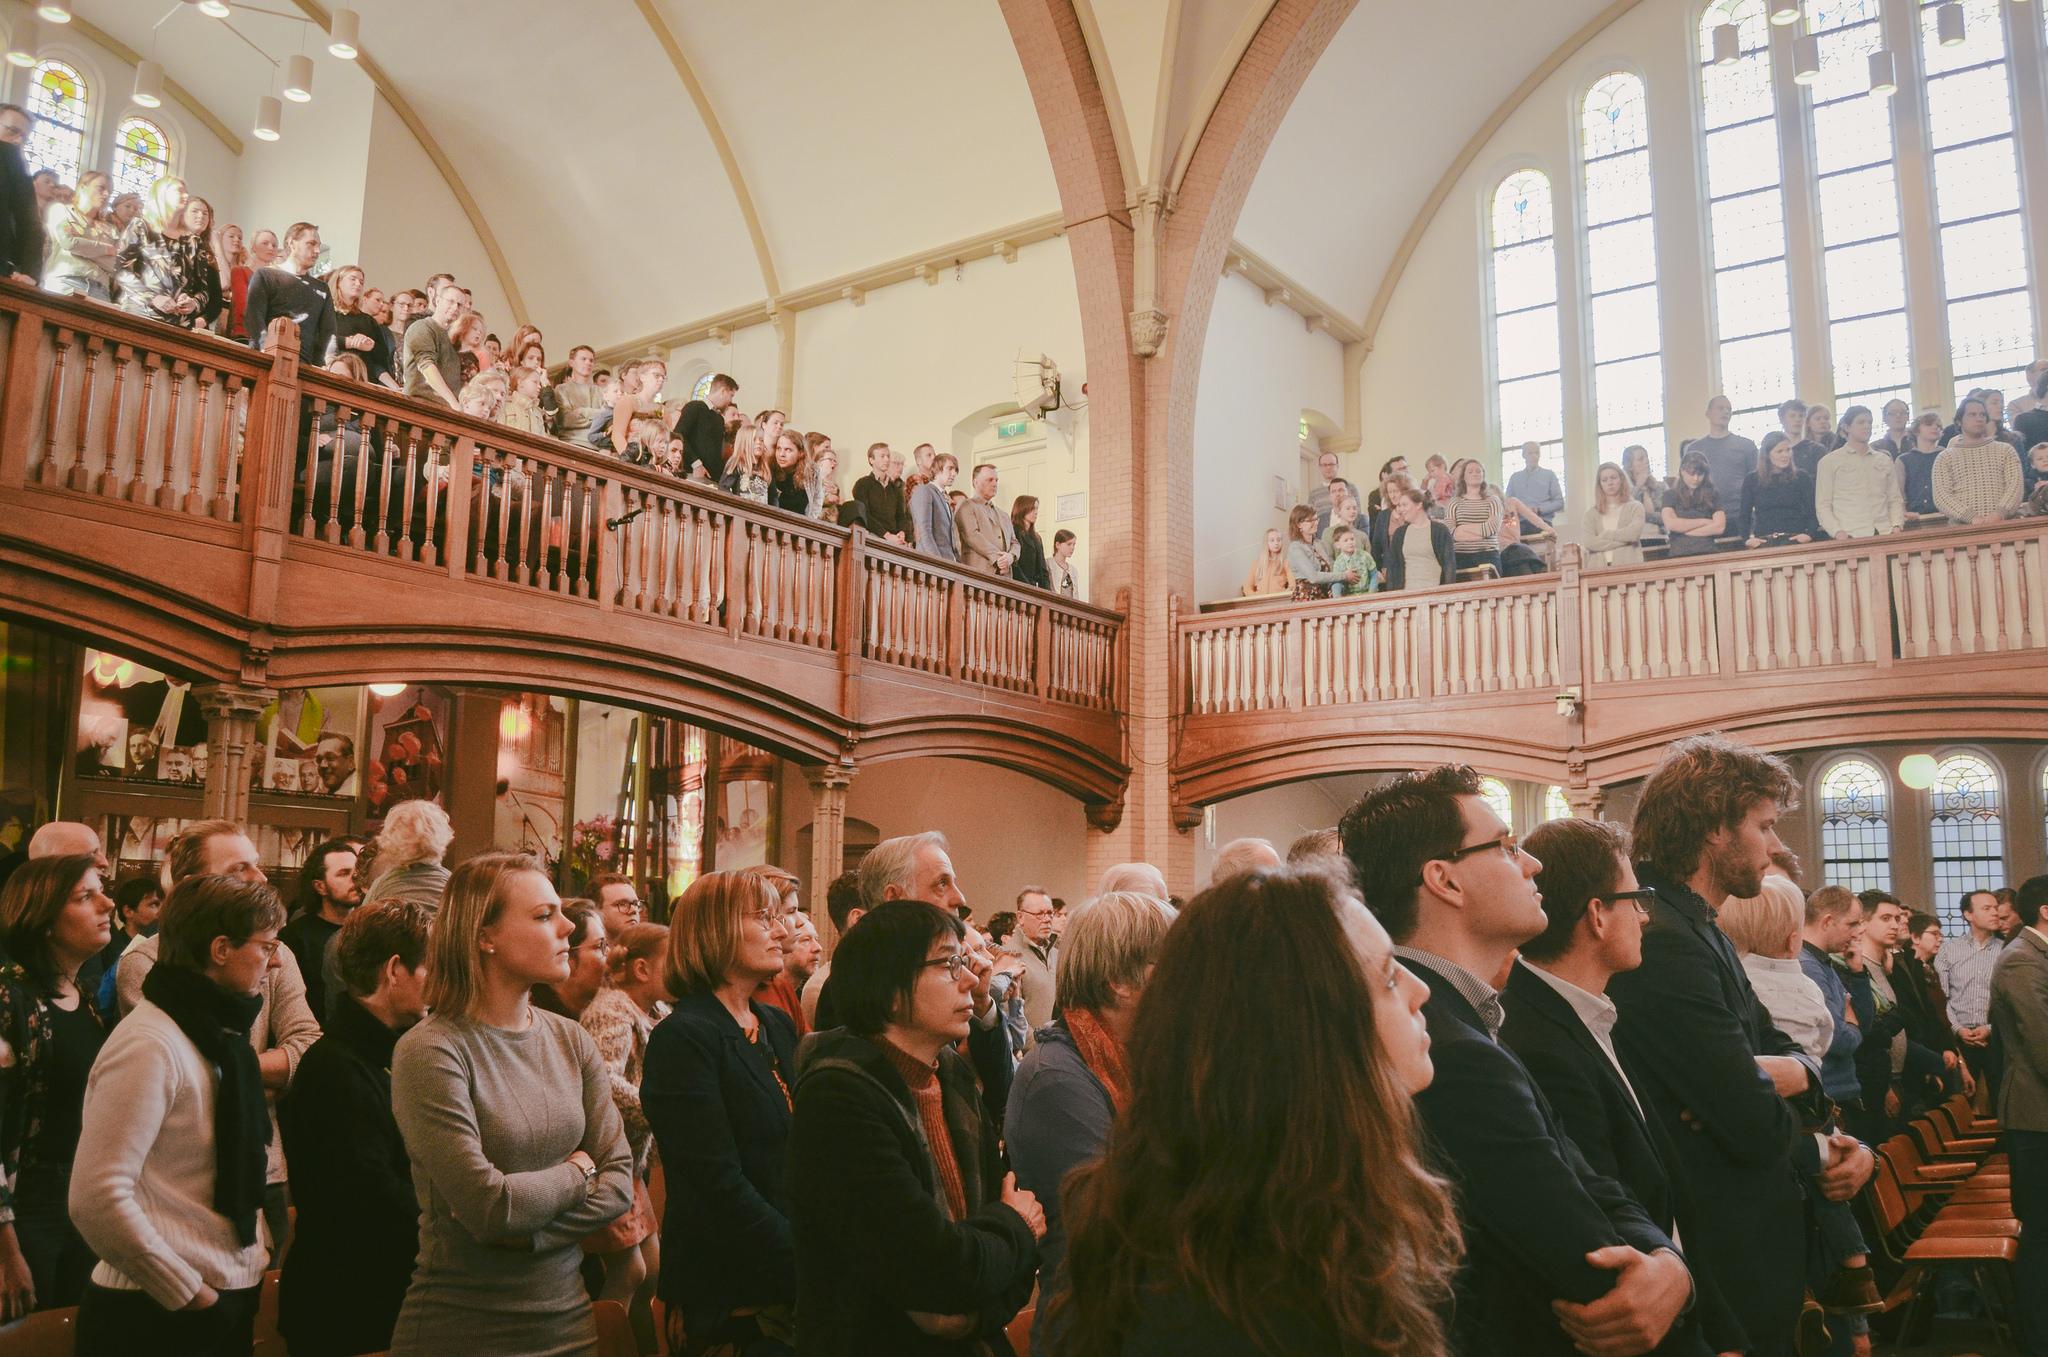 Michazondag, 14 oktober. Kinderdienst, workshops en lancering Groene Kerk!